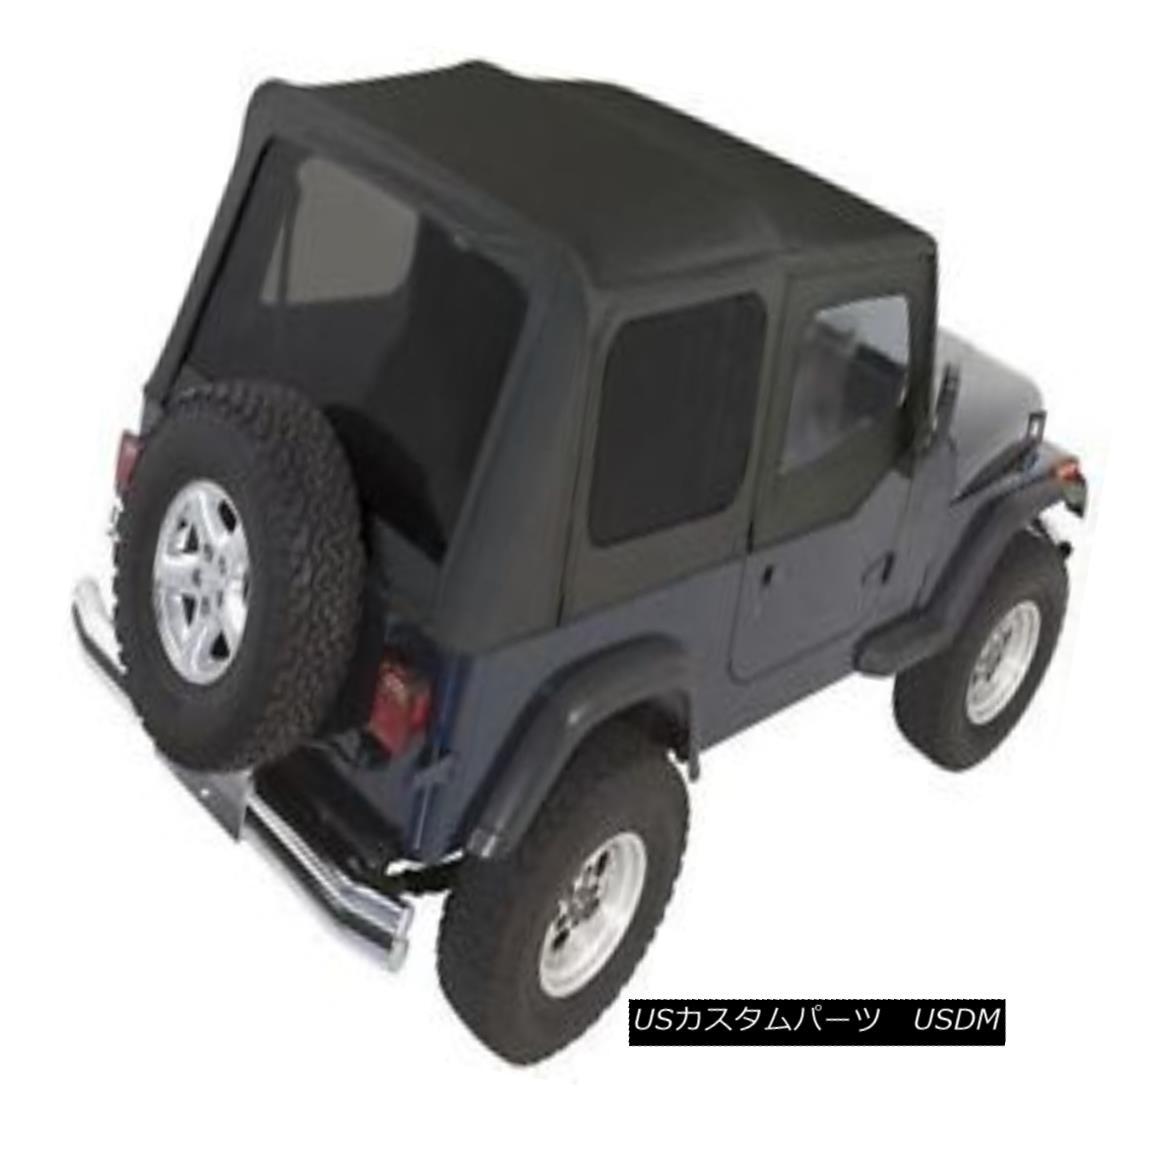 幌・ソフトトップ Rampage Complete Soft Top w/ Frame & Tint 87-95 Jeep Wrangler YJ 68215 Black ランペイジコンプリートソフトトップ(フレーム& ティント87-95ジープラングラーYJ 68215ブラック